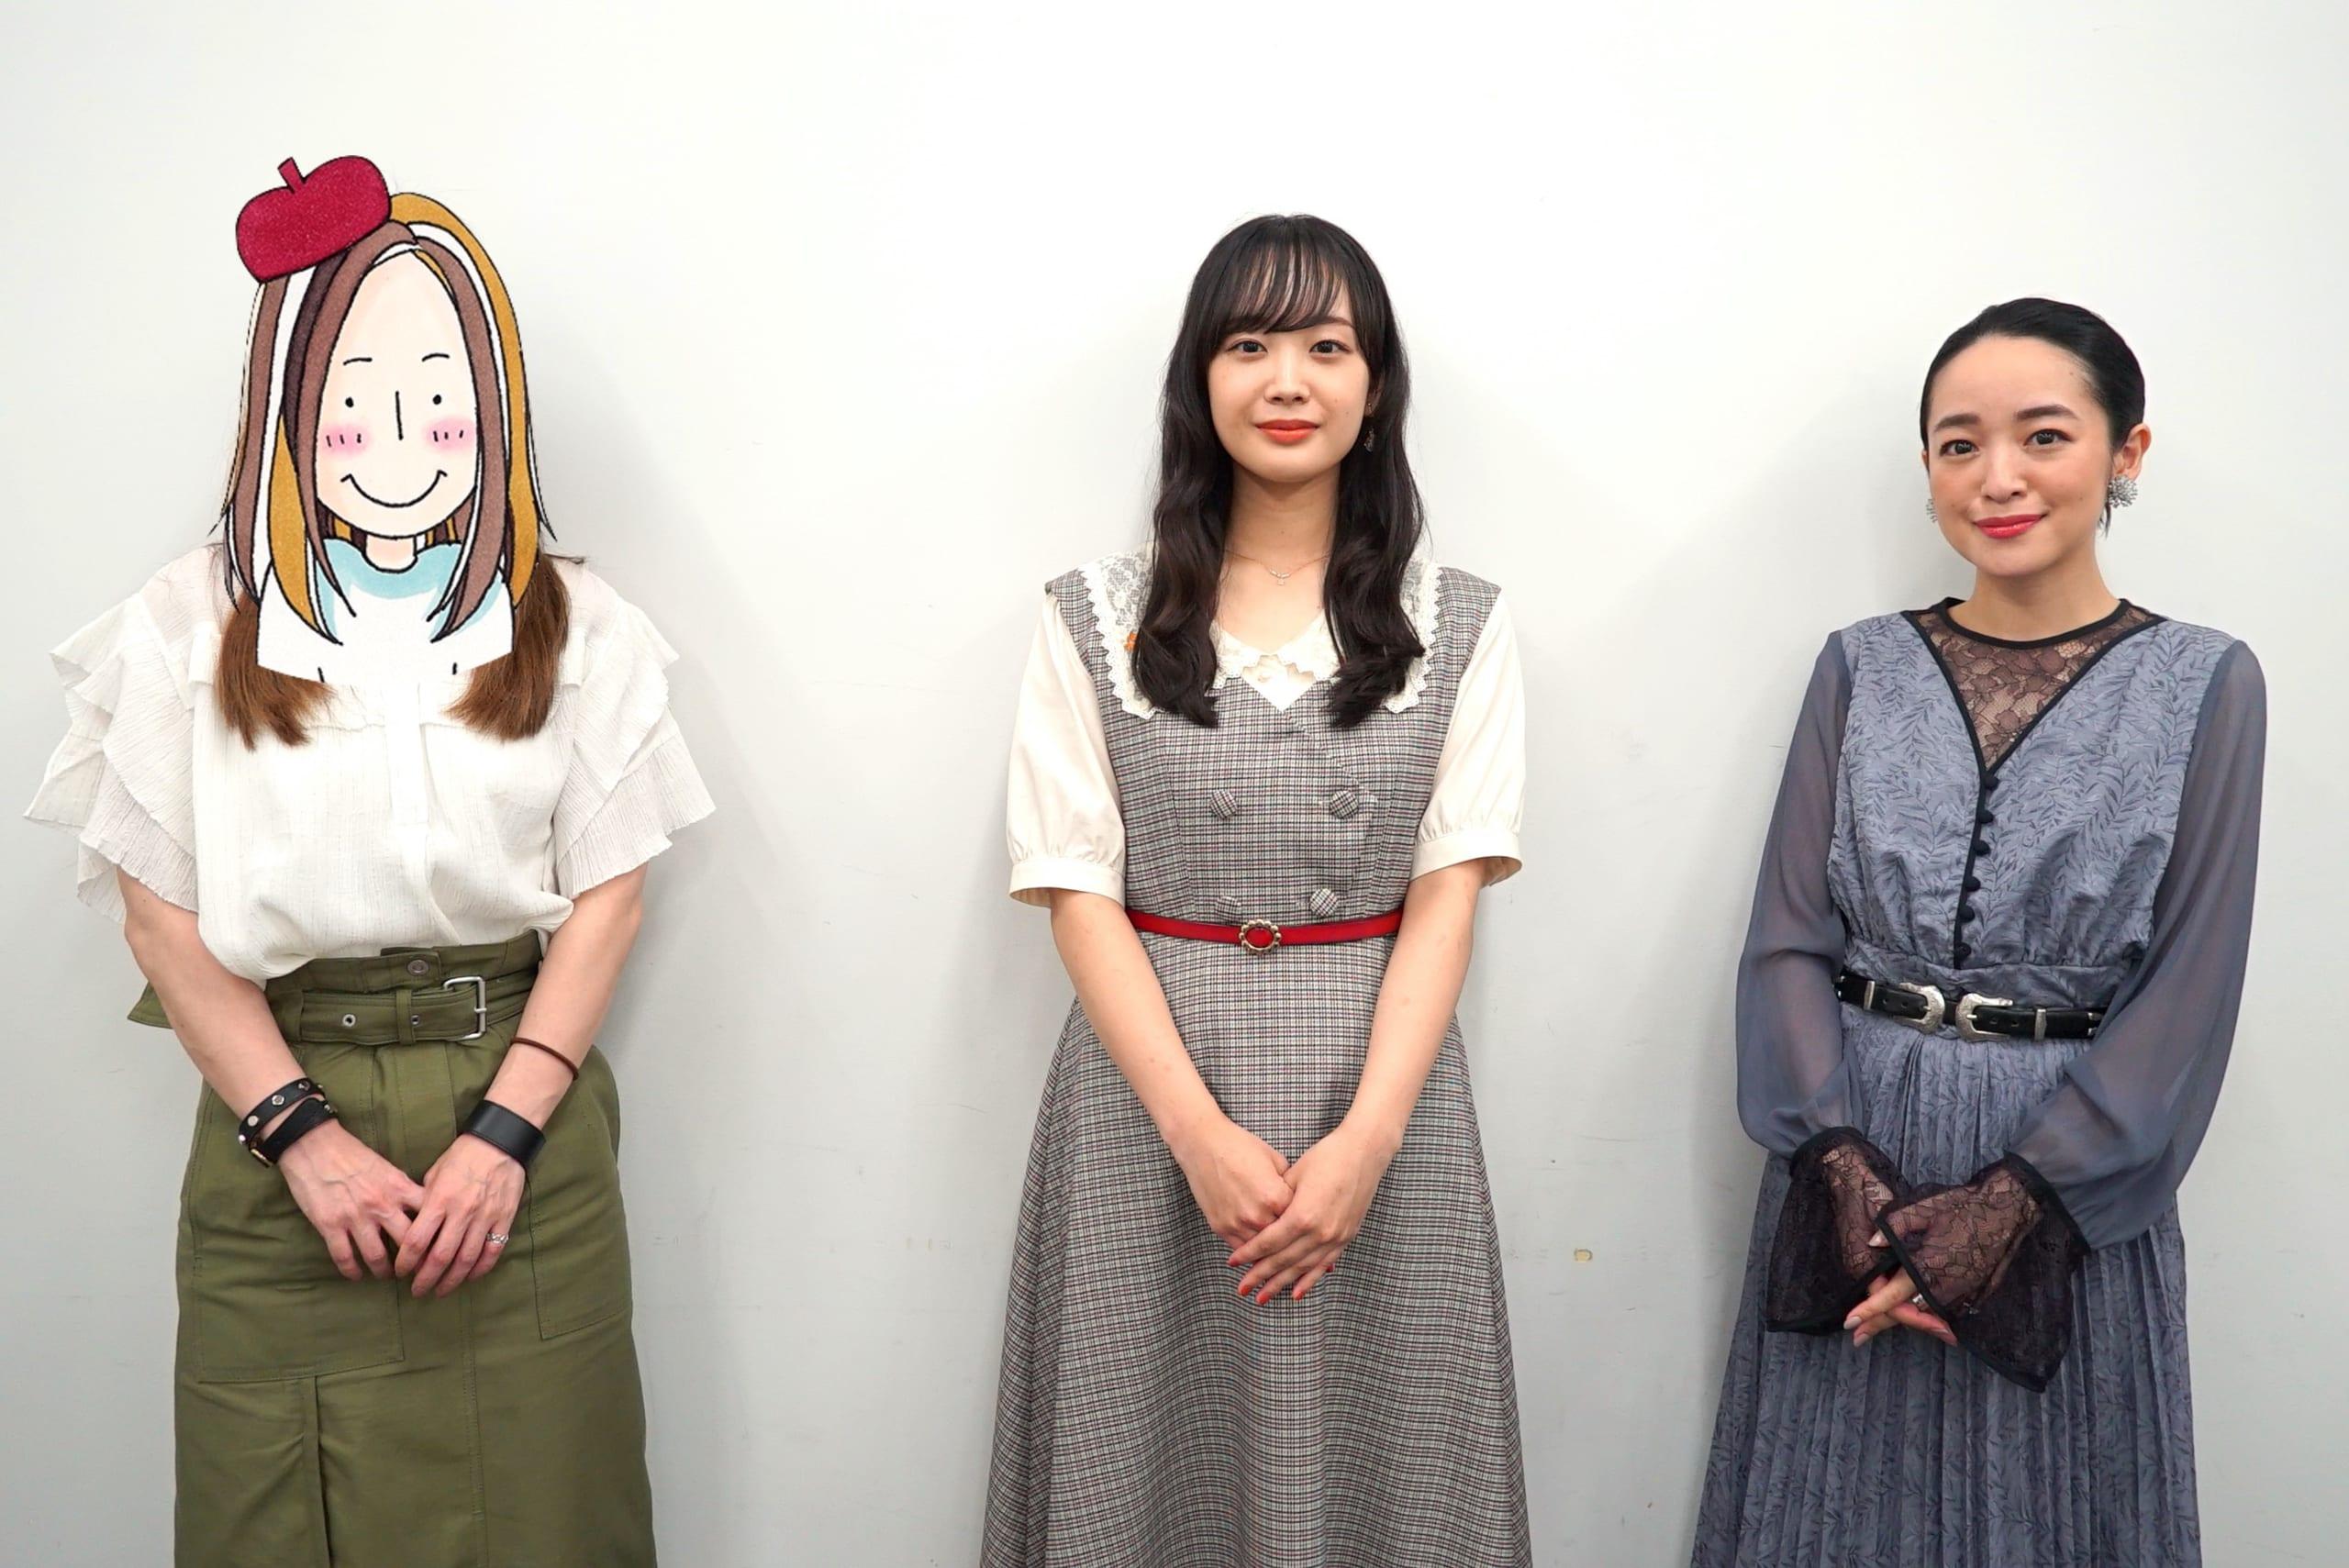 アニメーション映画『ふりふら』潘めぐみさん・鈴木毬花さん・咲坂伊緒先生の3名で女子会トーク!理央と和臣、選ぶならどっち?【インタビュー】